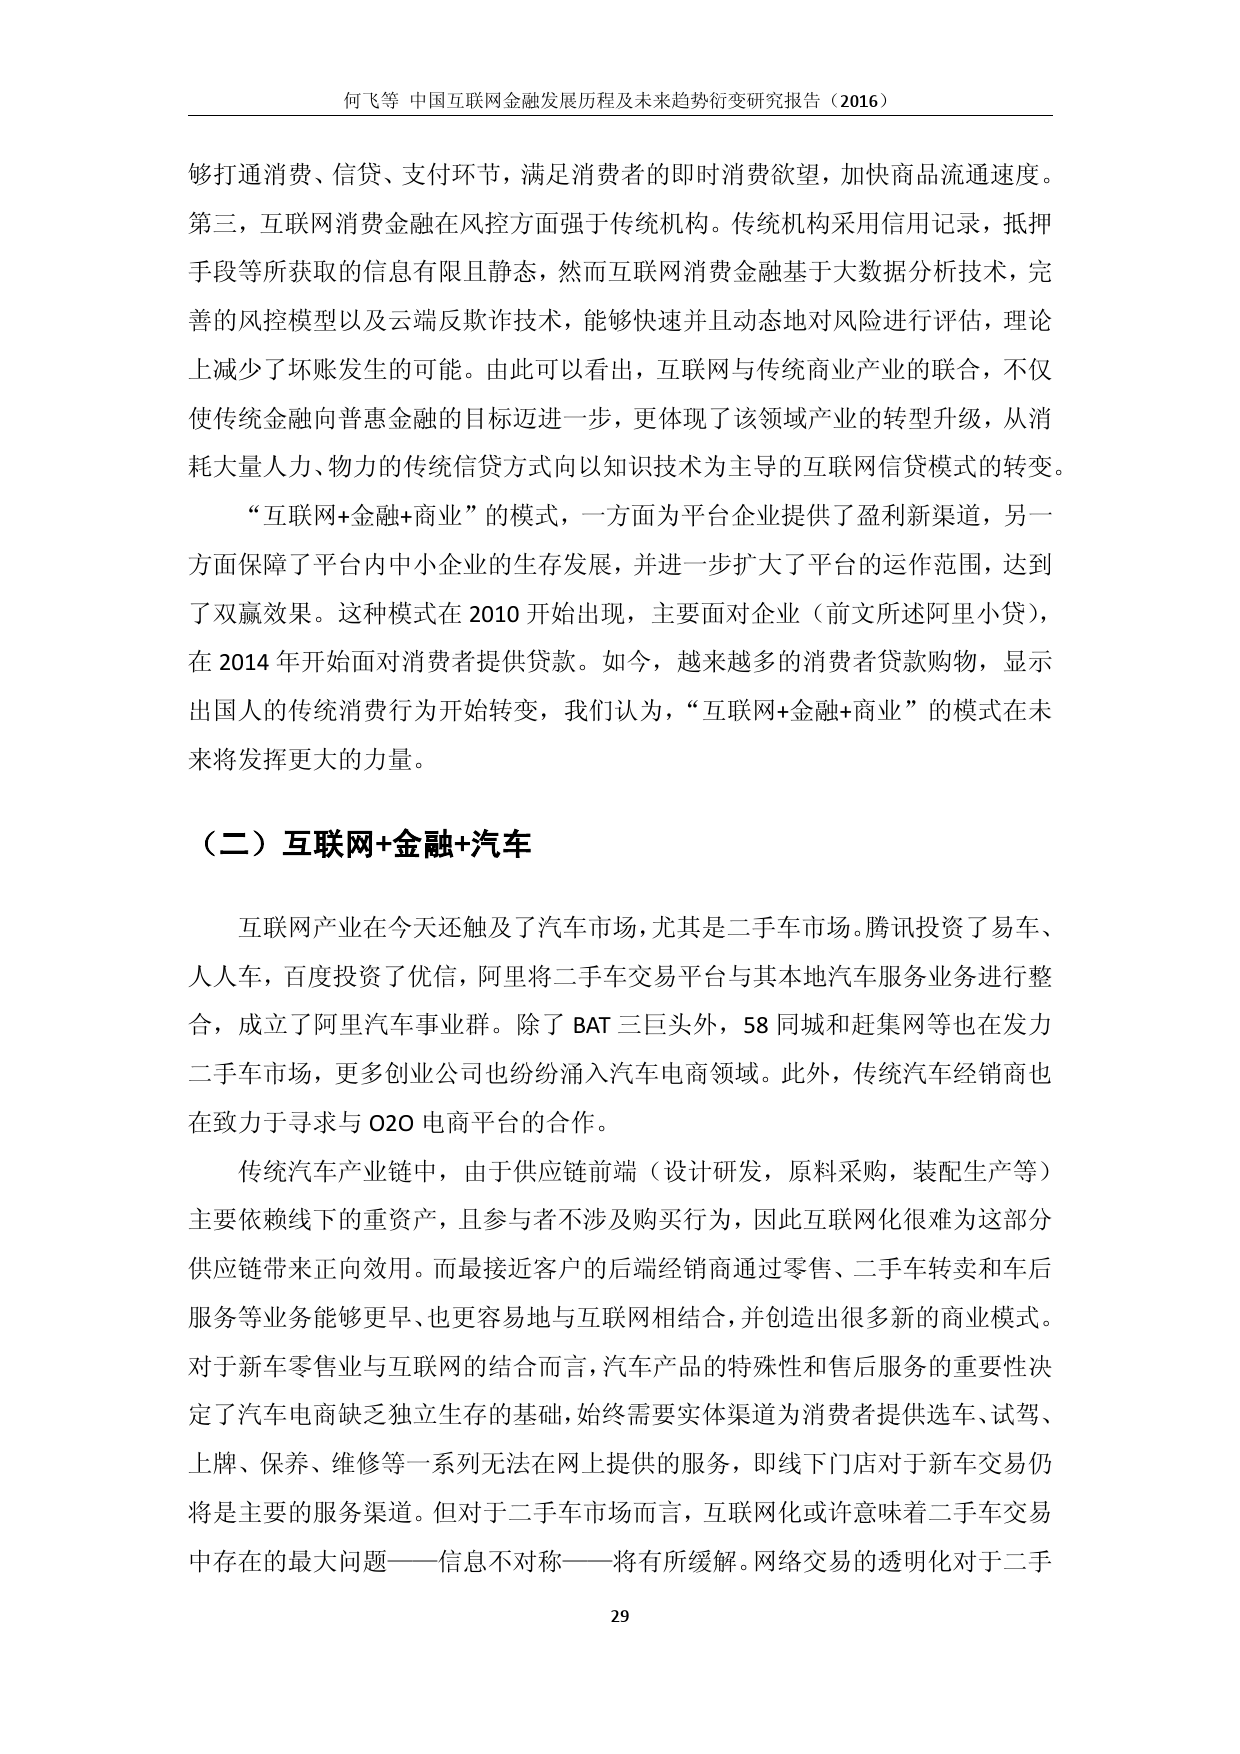 中国互联网金融发展历程及未来趋势衍变研究报告(2016)_000034